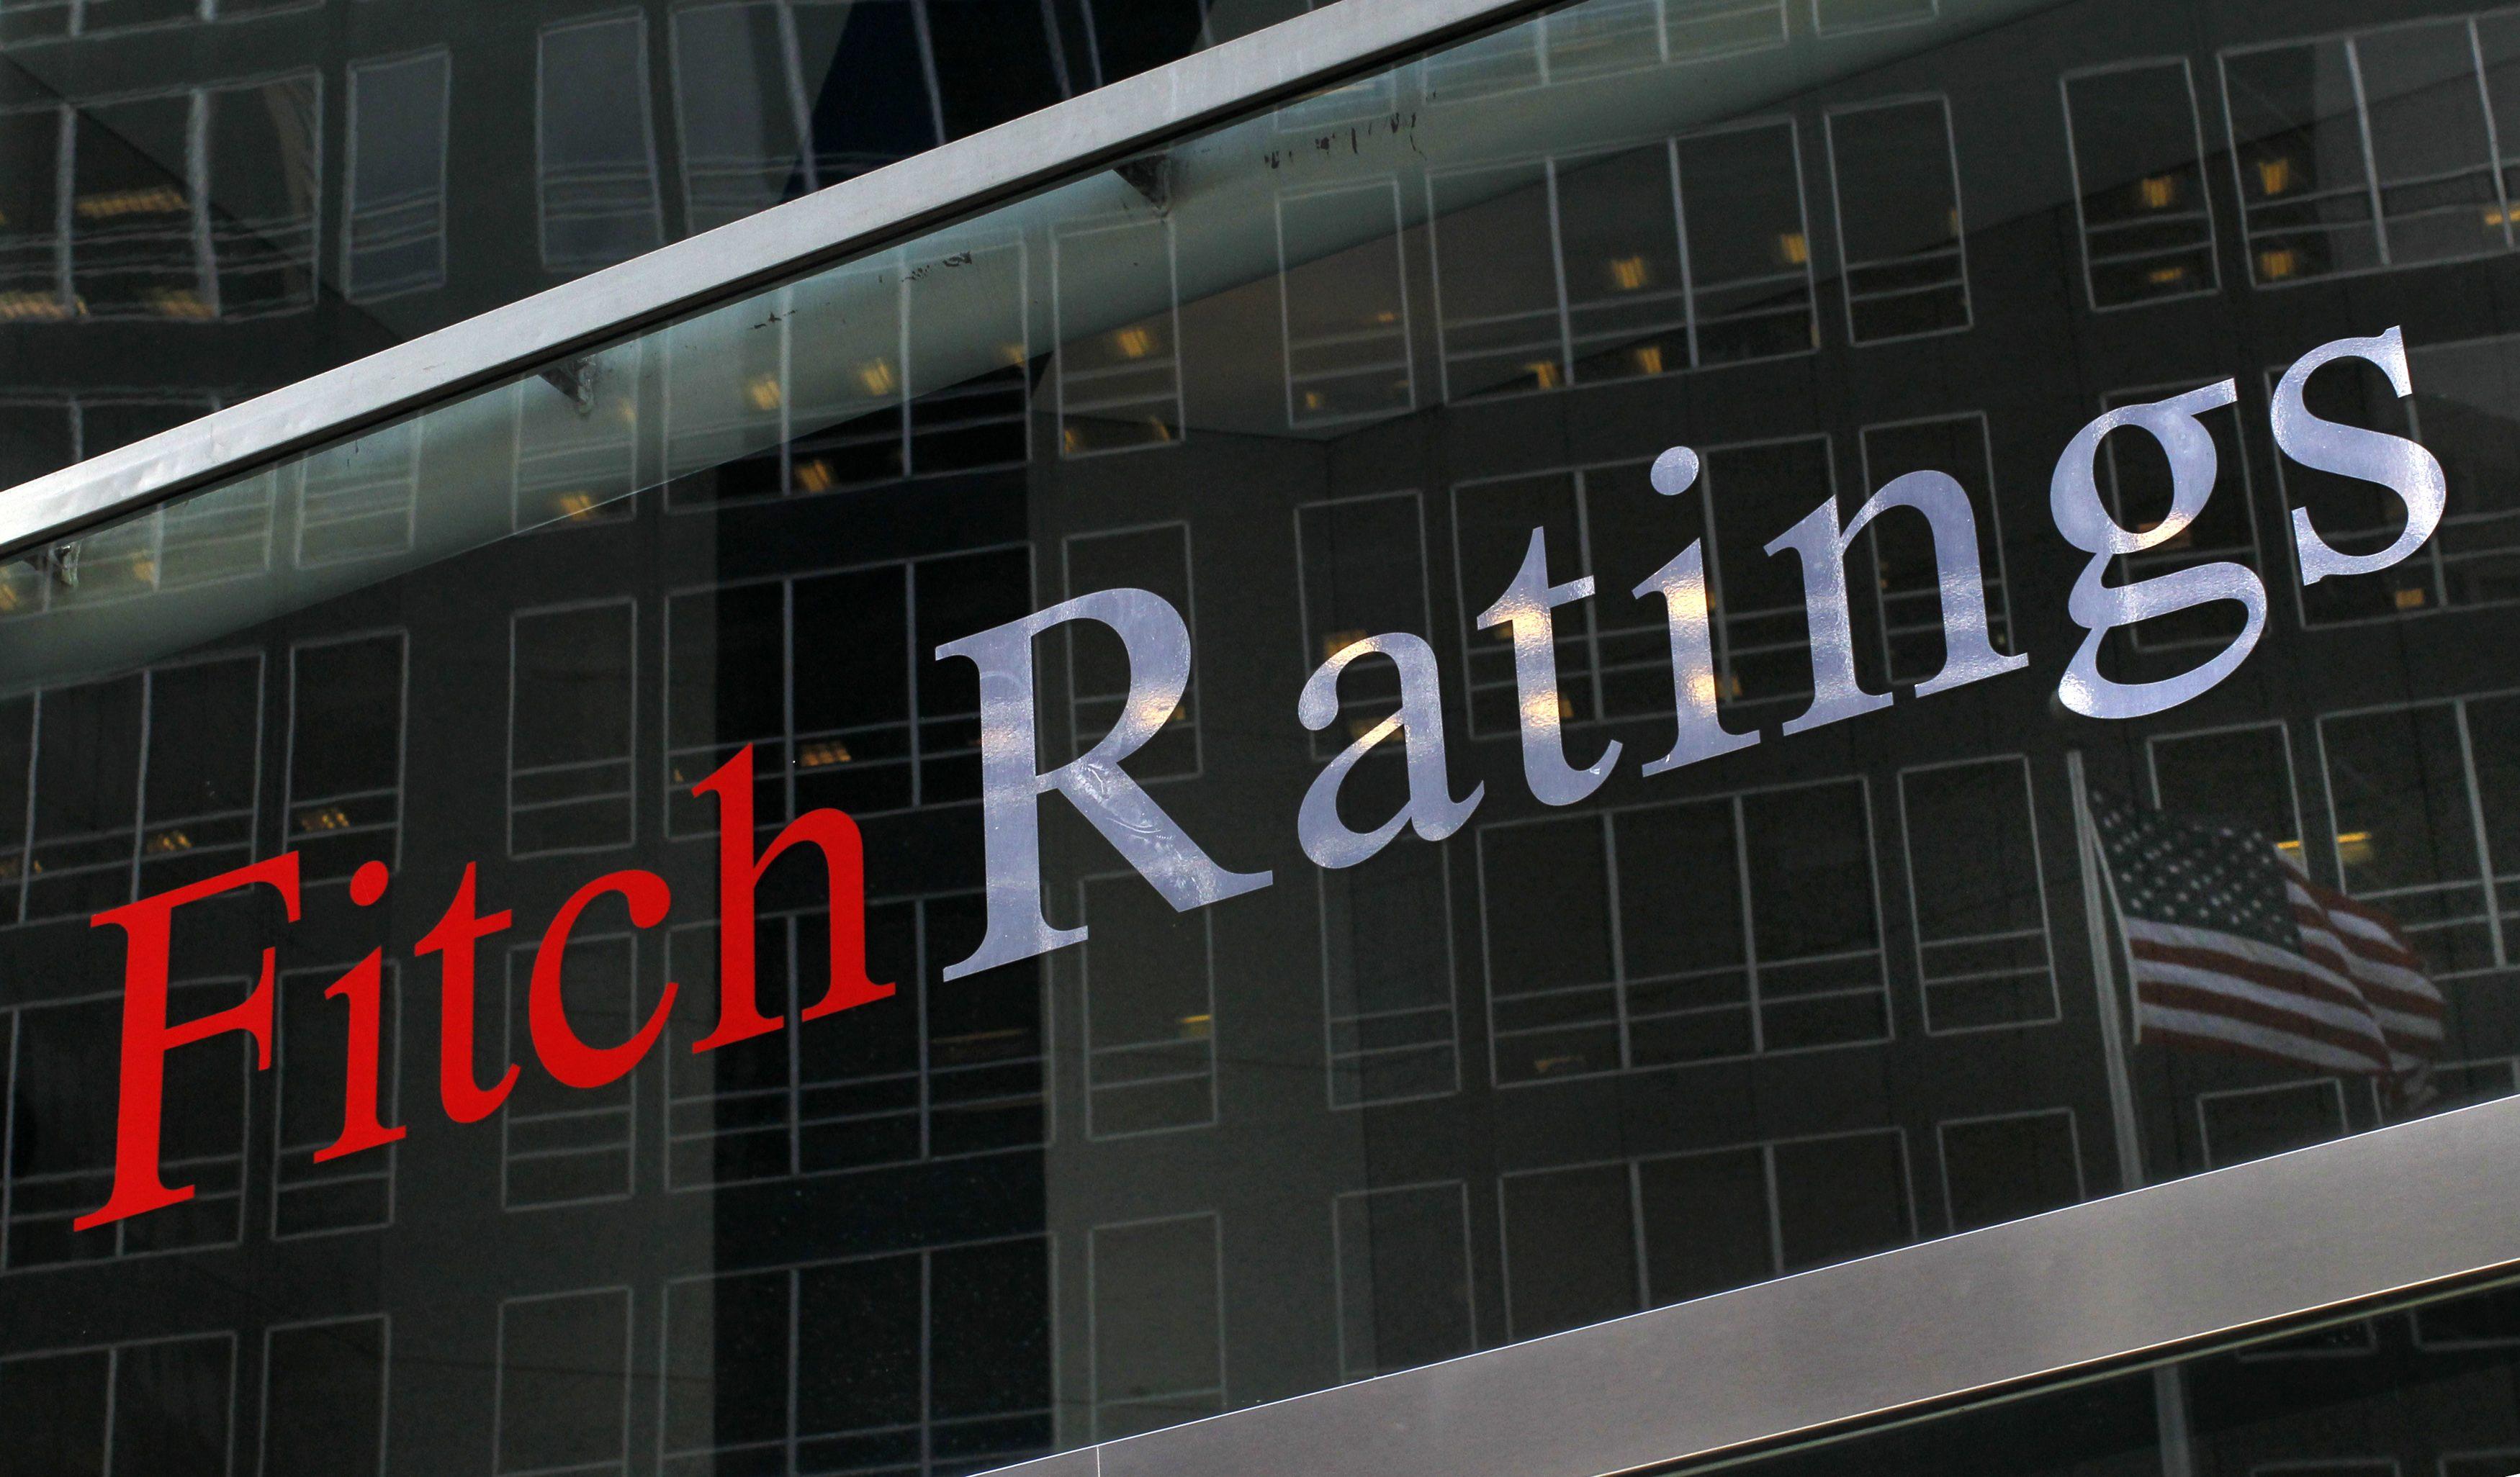 فيتش تخفض تصنيف 16 بنكا بالأسواق الناشئة في أوروبا وأفريقيا والشرق الأوسط